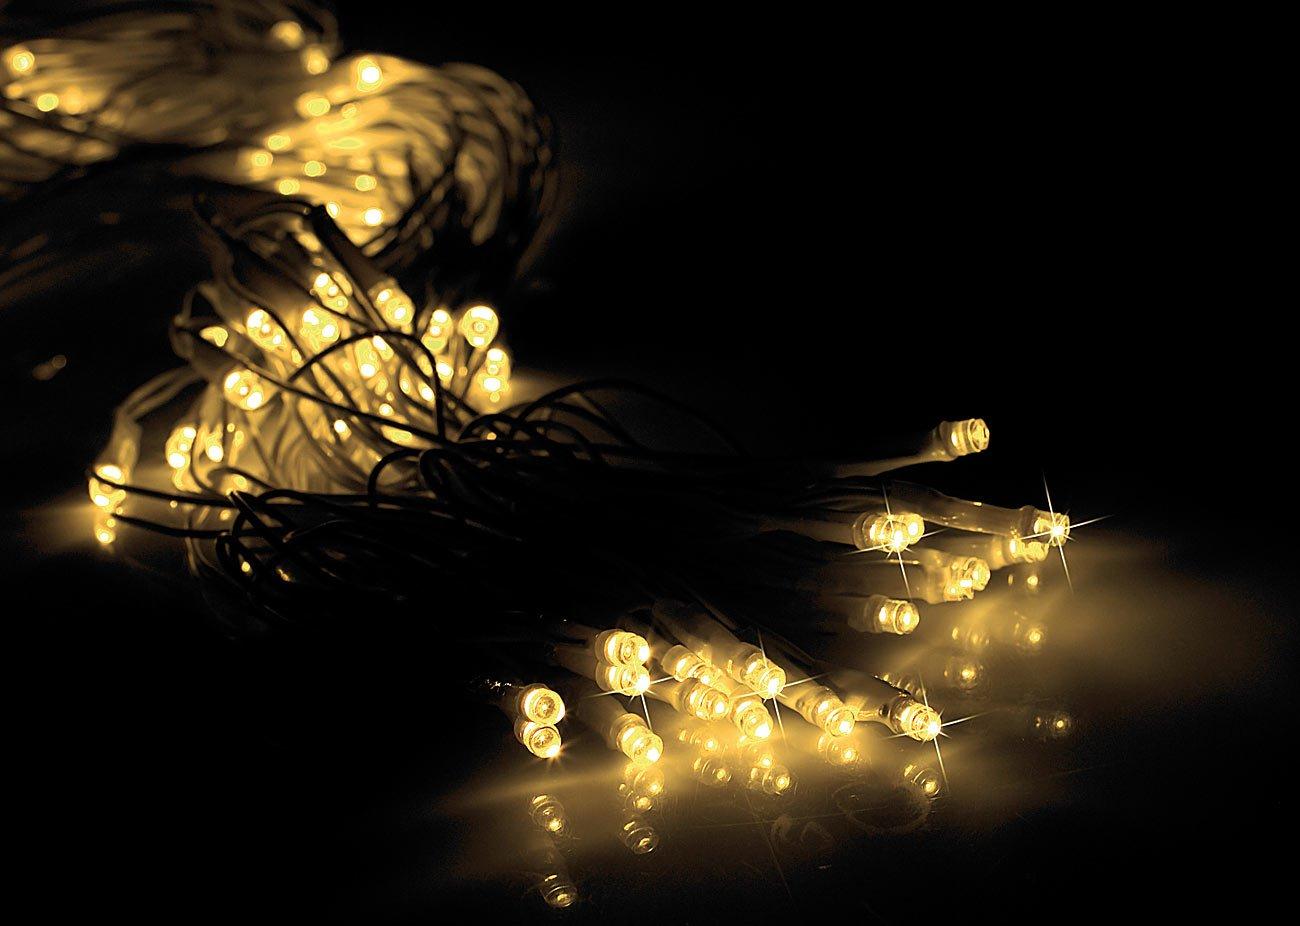 Lunartec-Sternenhimmel-Netz-LED-LichternetzWhite-Galaxy-mit-Leuchteffekten-25-x-1-m-IP44-Lichternetz-Sternenhimmel